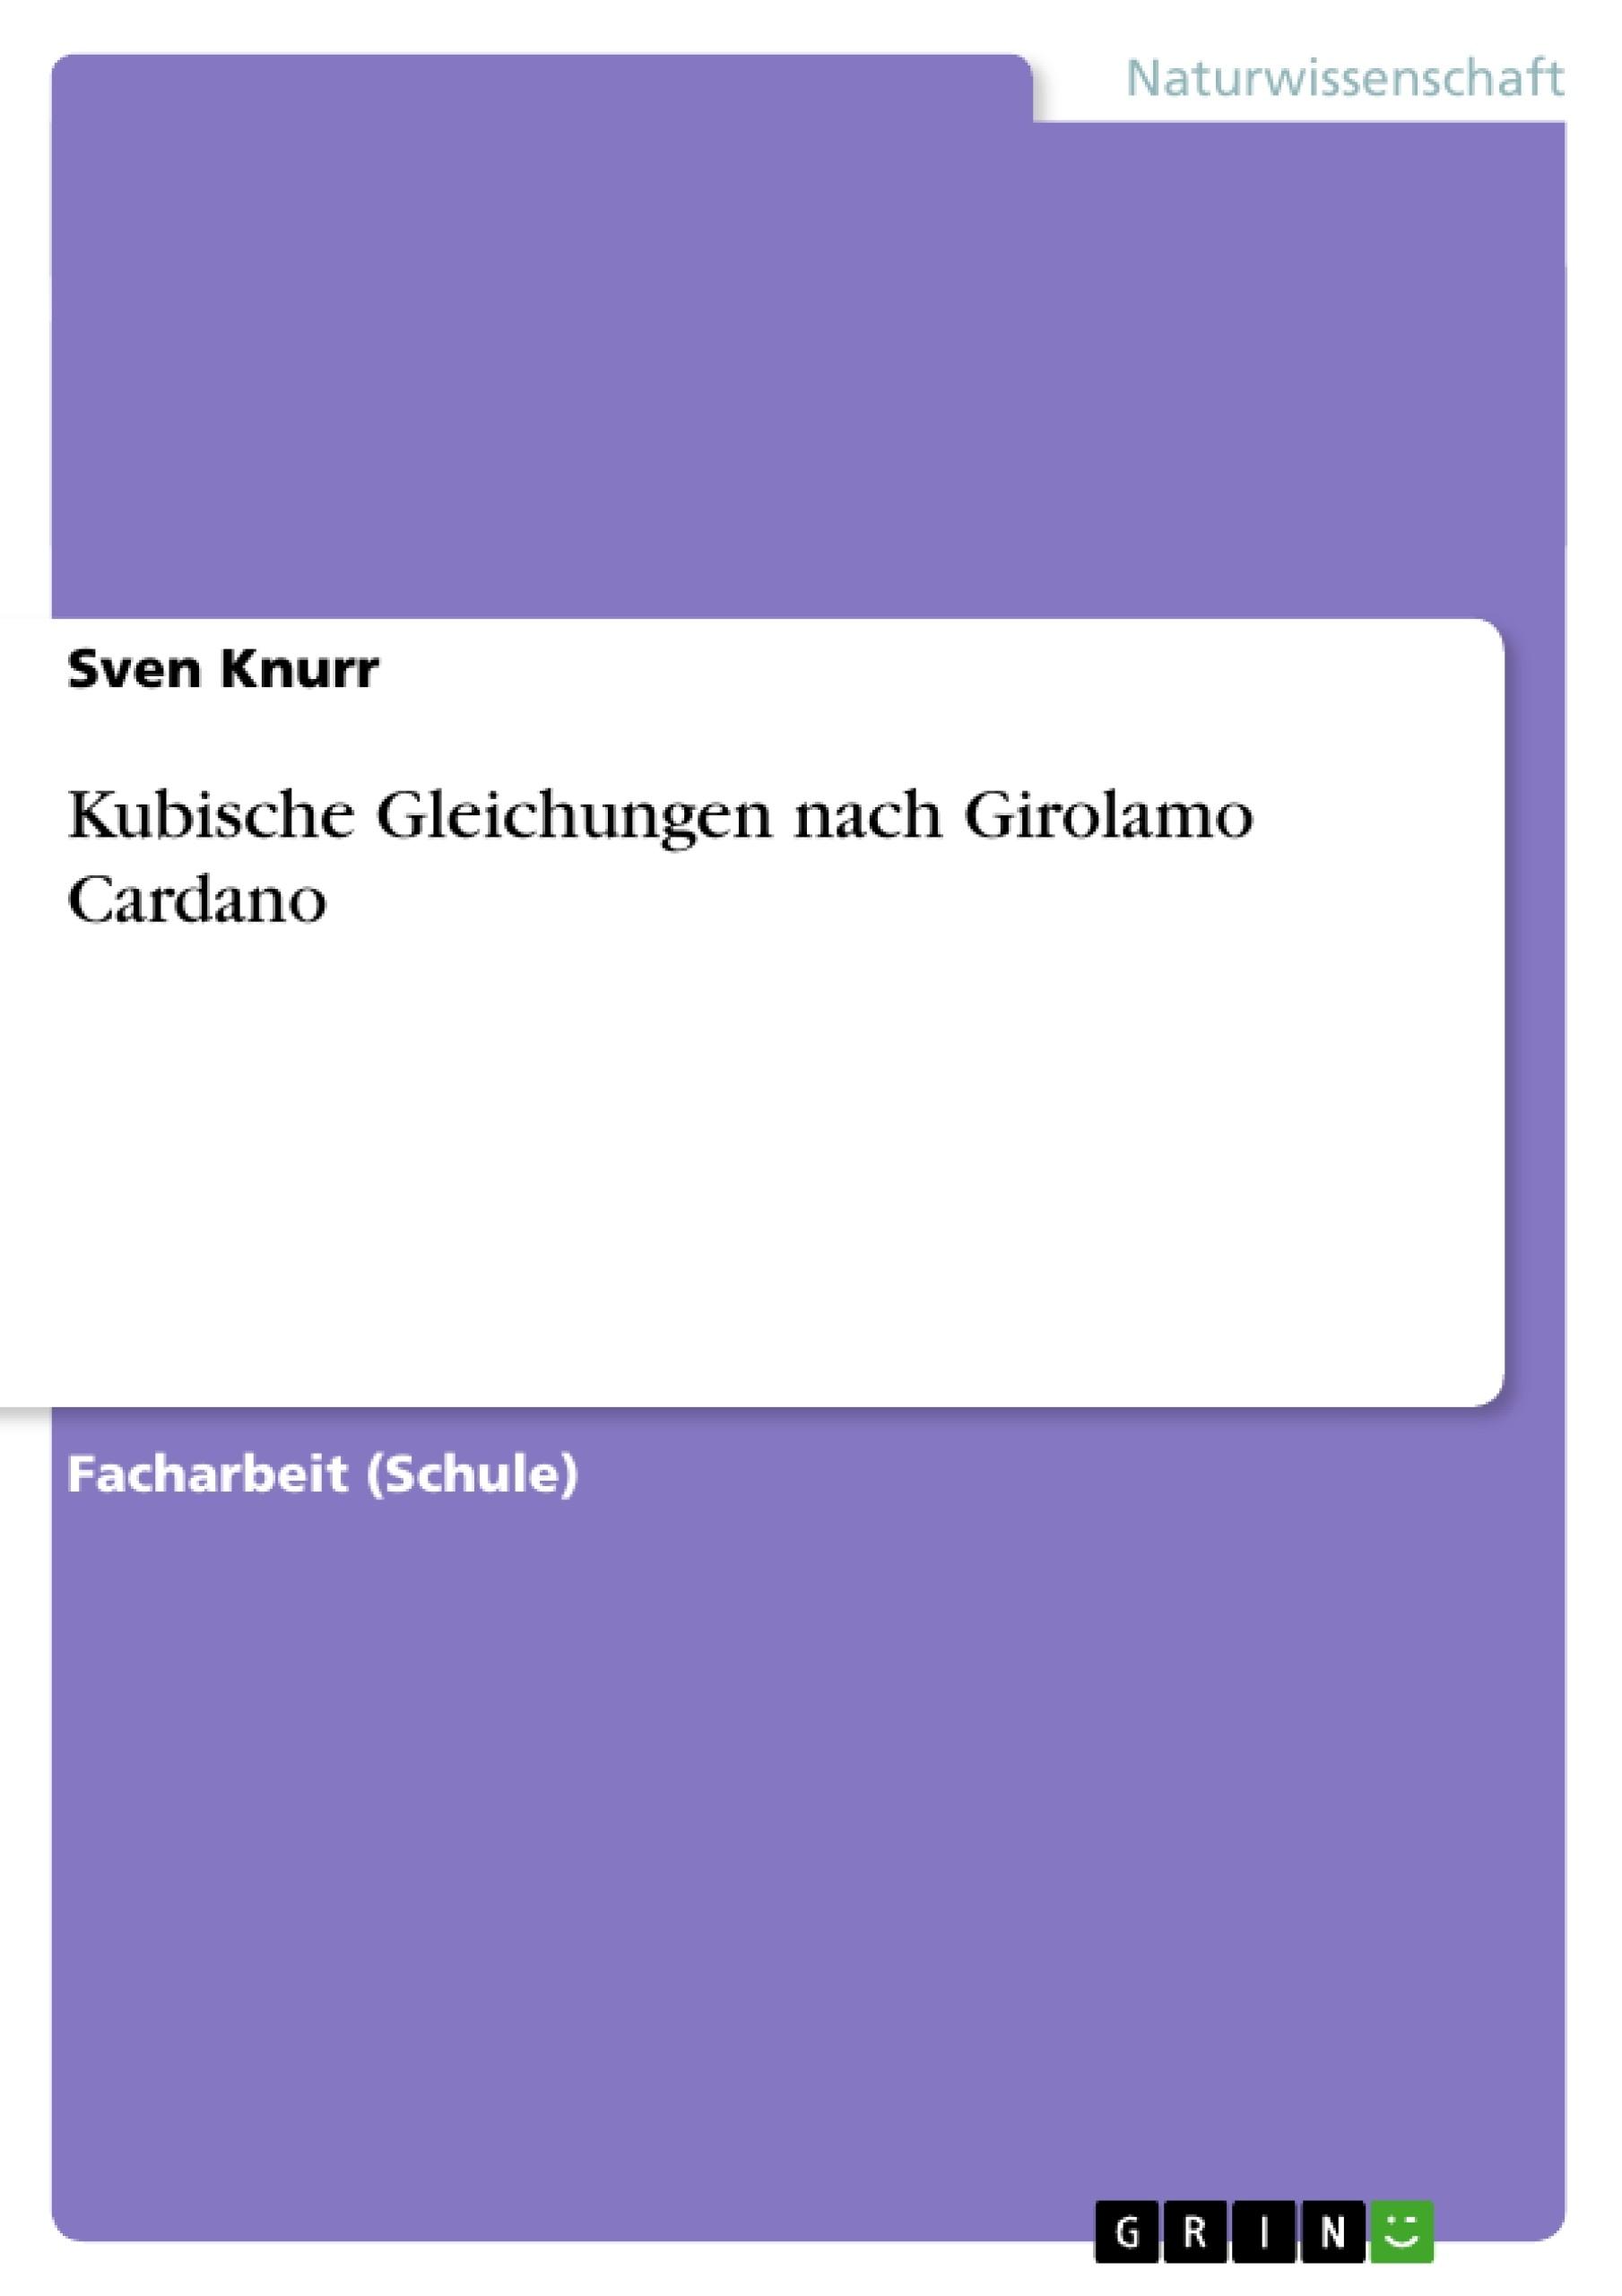 Titel: Kubische Gleichungen nach Girolamo Cardano